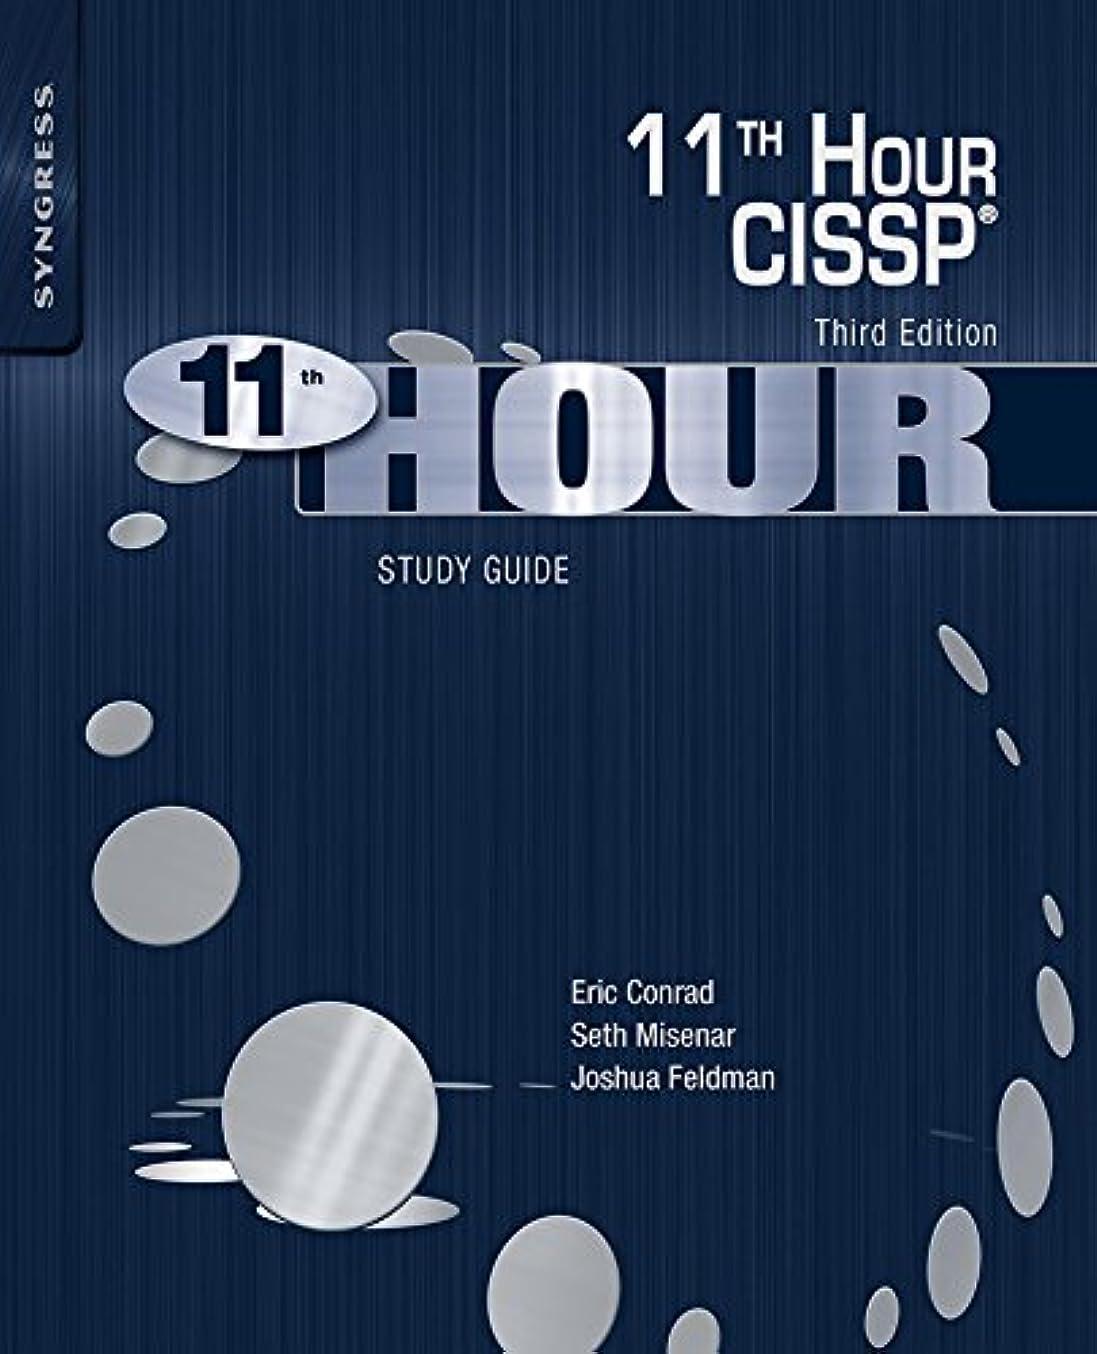 最も早いに対応するバリケードEleventh Hour CISSP?: Study Guide (English Edition)